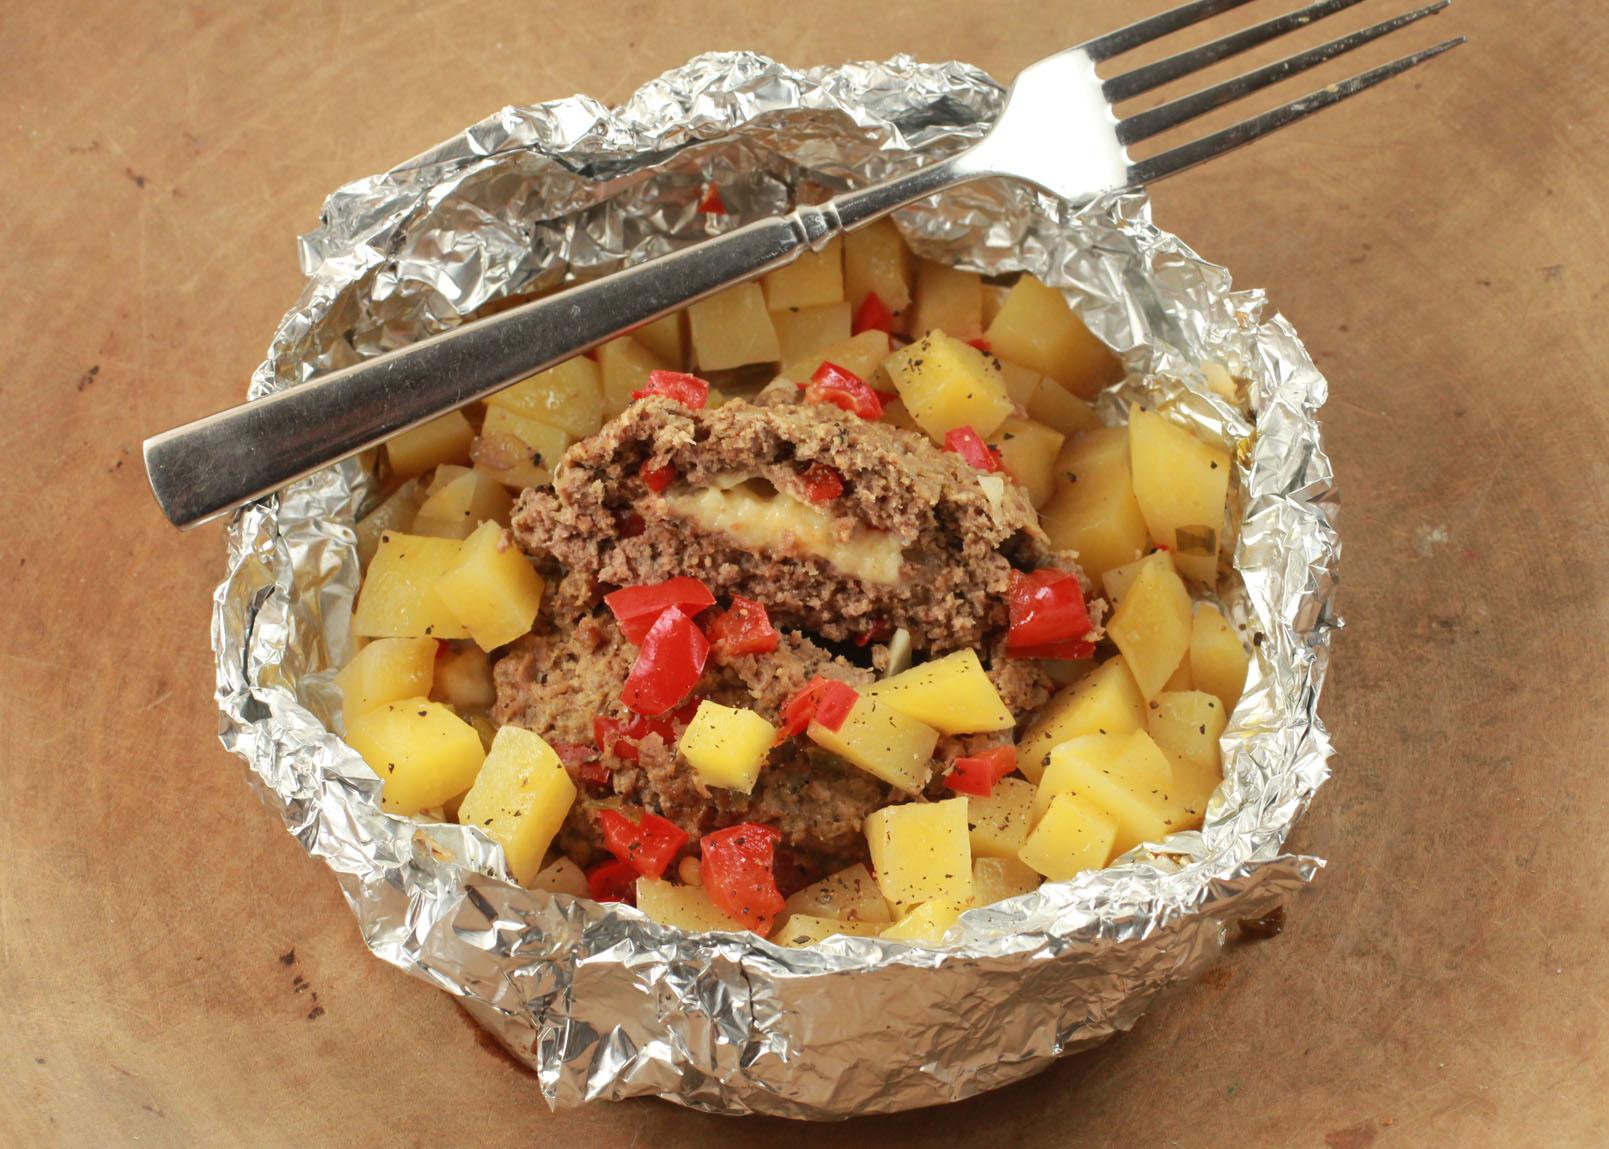 Hobo Adobo Foil Dinner My Entry for Ready Set Cook  Mommysaverscom